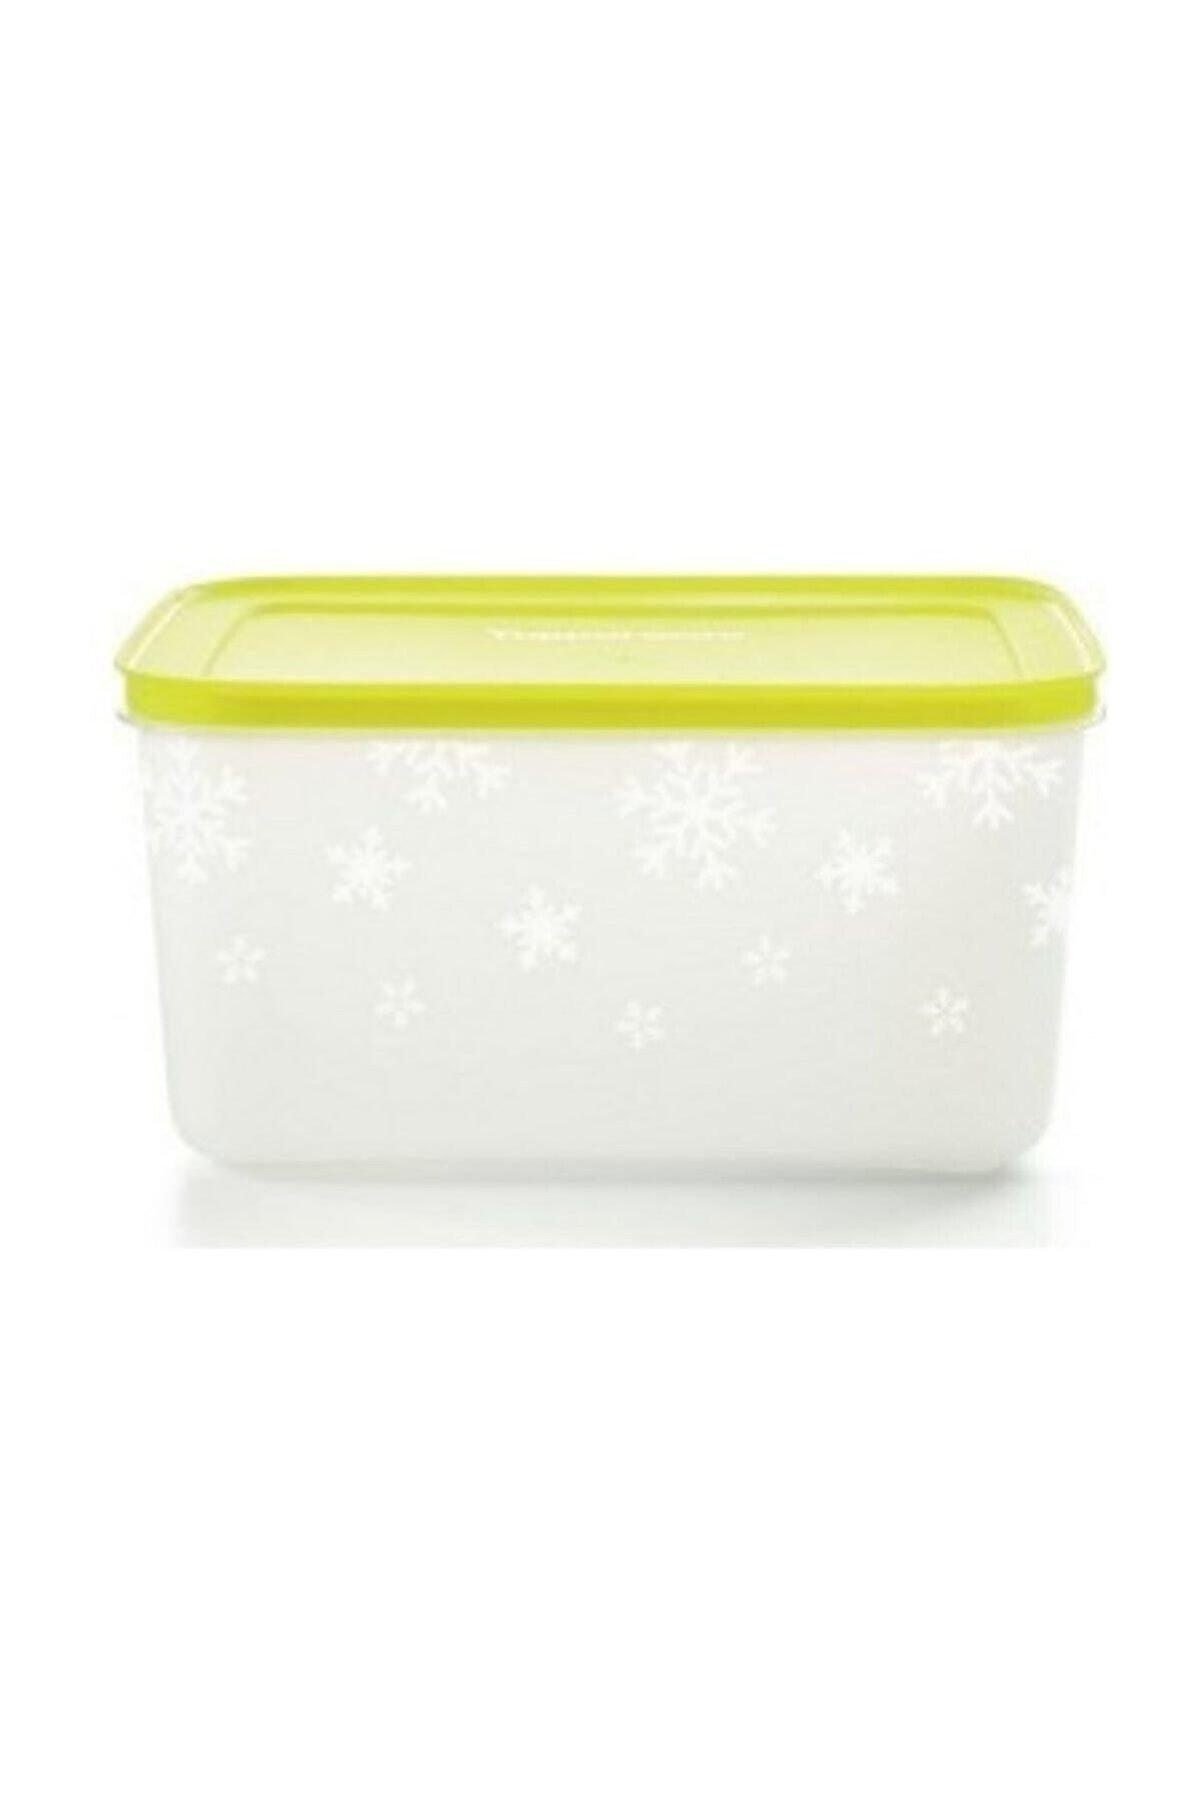 Tupperware Alaska Sarı Kapaklı Saklama Kabı 2,5 Litre